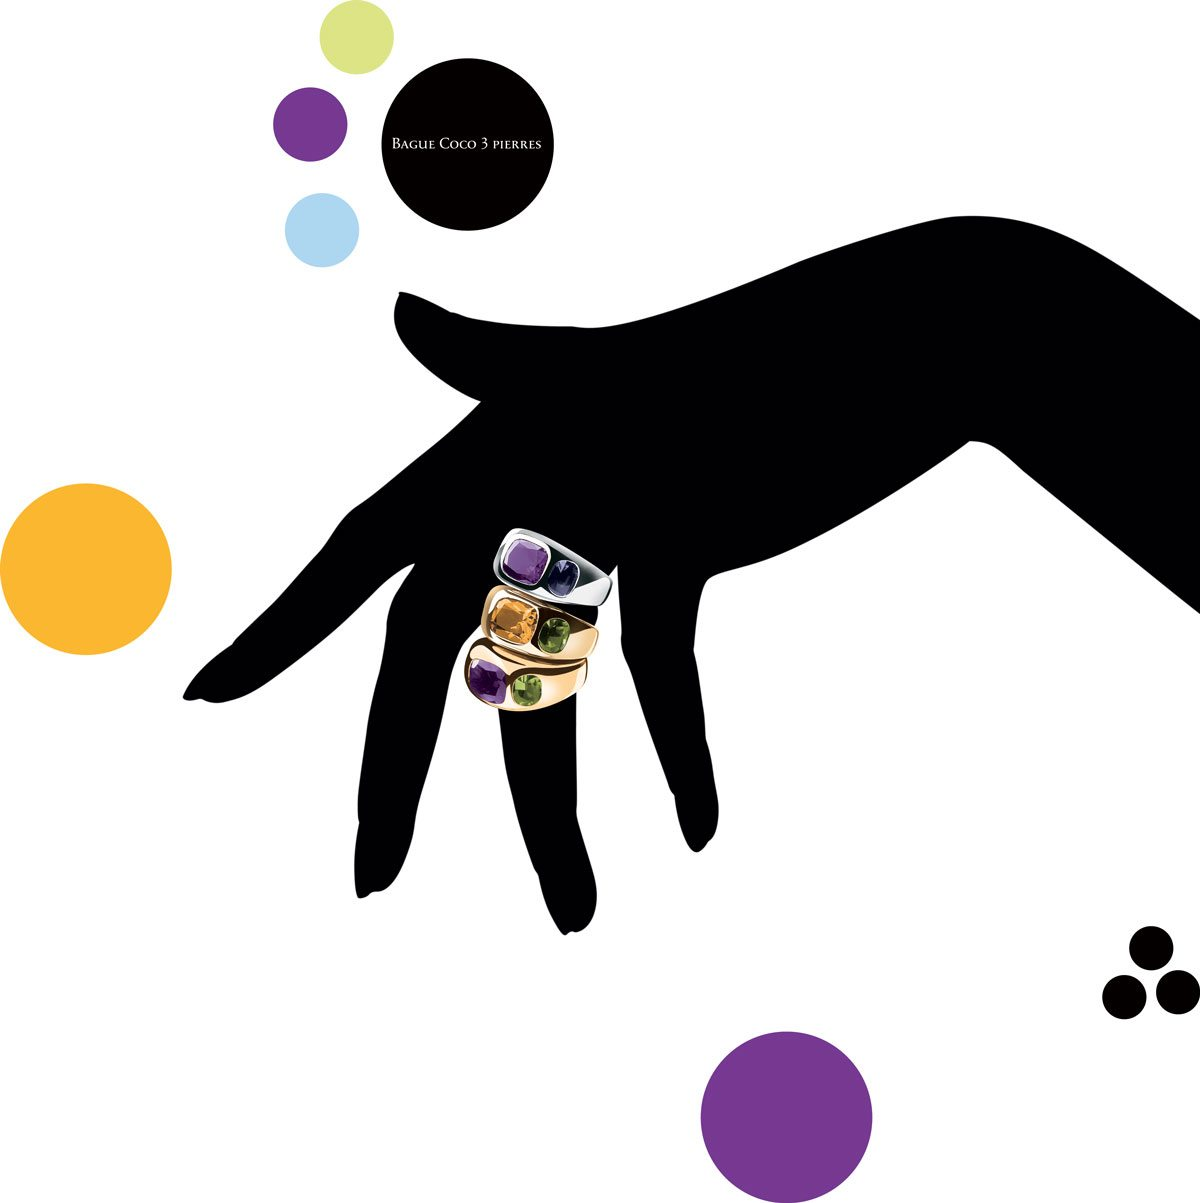 Bagues « Coco trois Pierres » sur silhouette de main noire dessinée par Ich&Kar